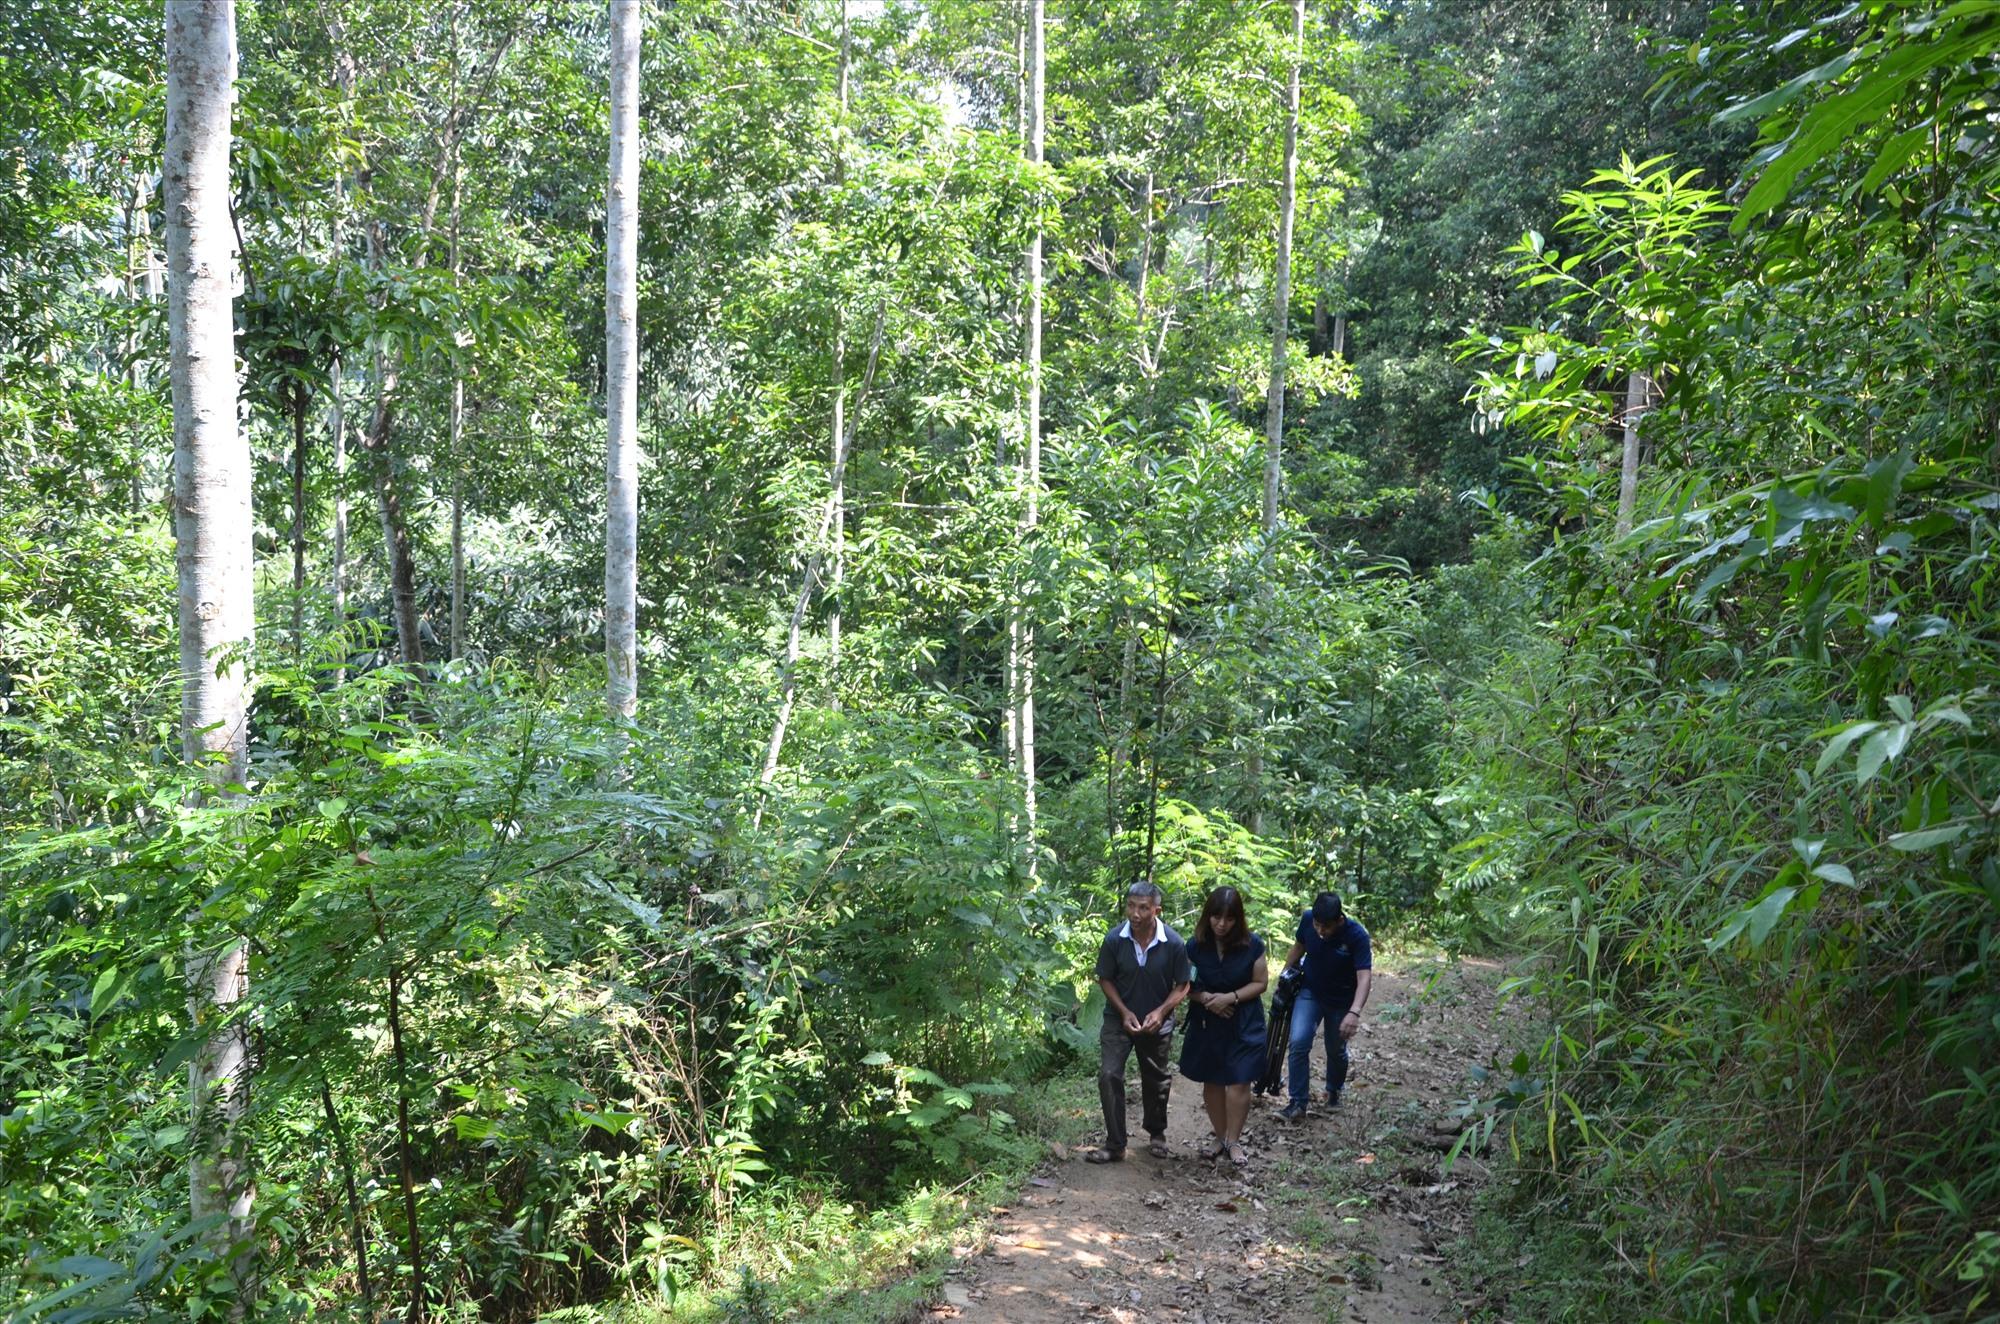 Nếu Trung ương quyết định quy định nguồn thu từ hấp thụ và lưu giữ các bon của rừng, Quảng Nam sẽ có thêm nguồn thu mở rộng dịch vụ môi trường rừng. Ảnh: H.P